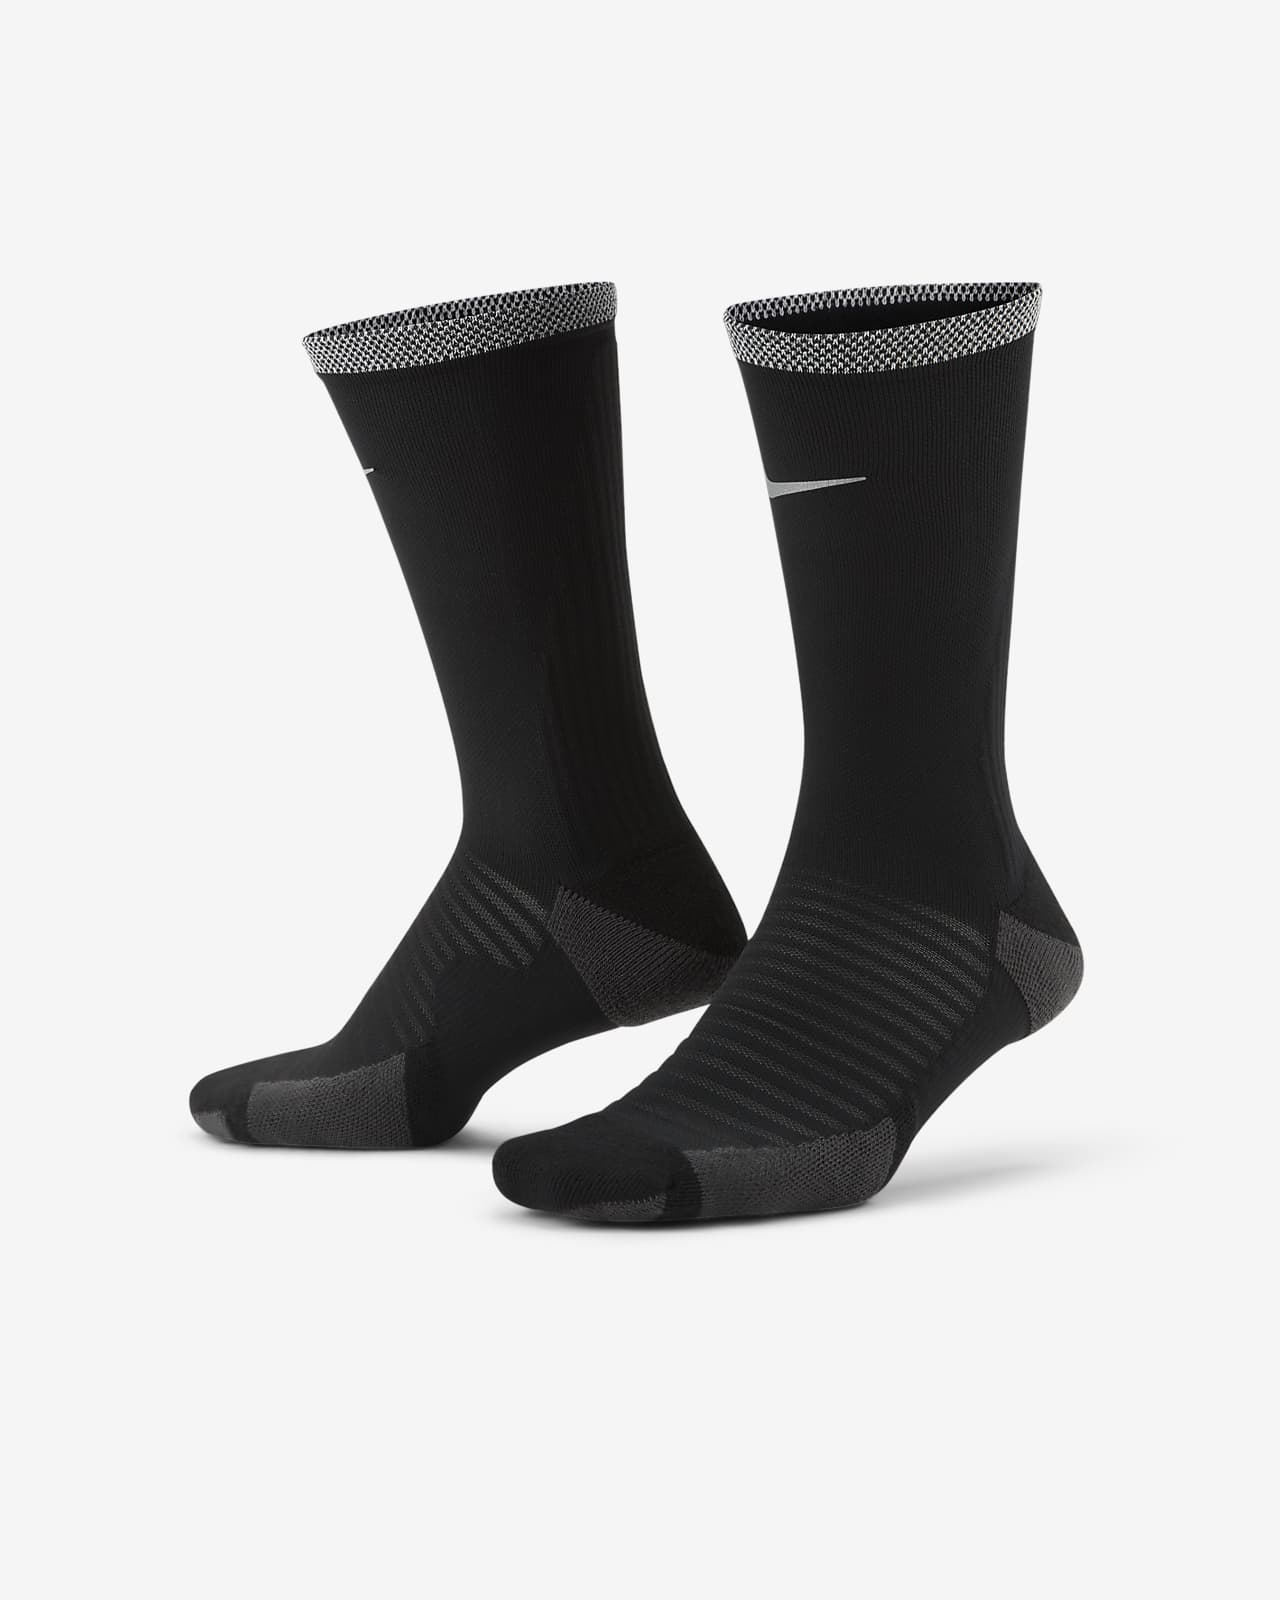 Носки до середины голени с амортизацией для бега Nike Spark